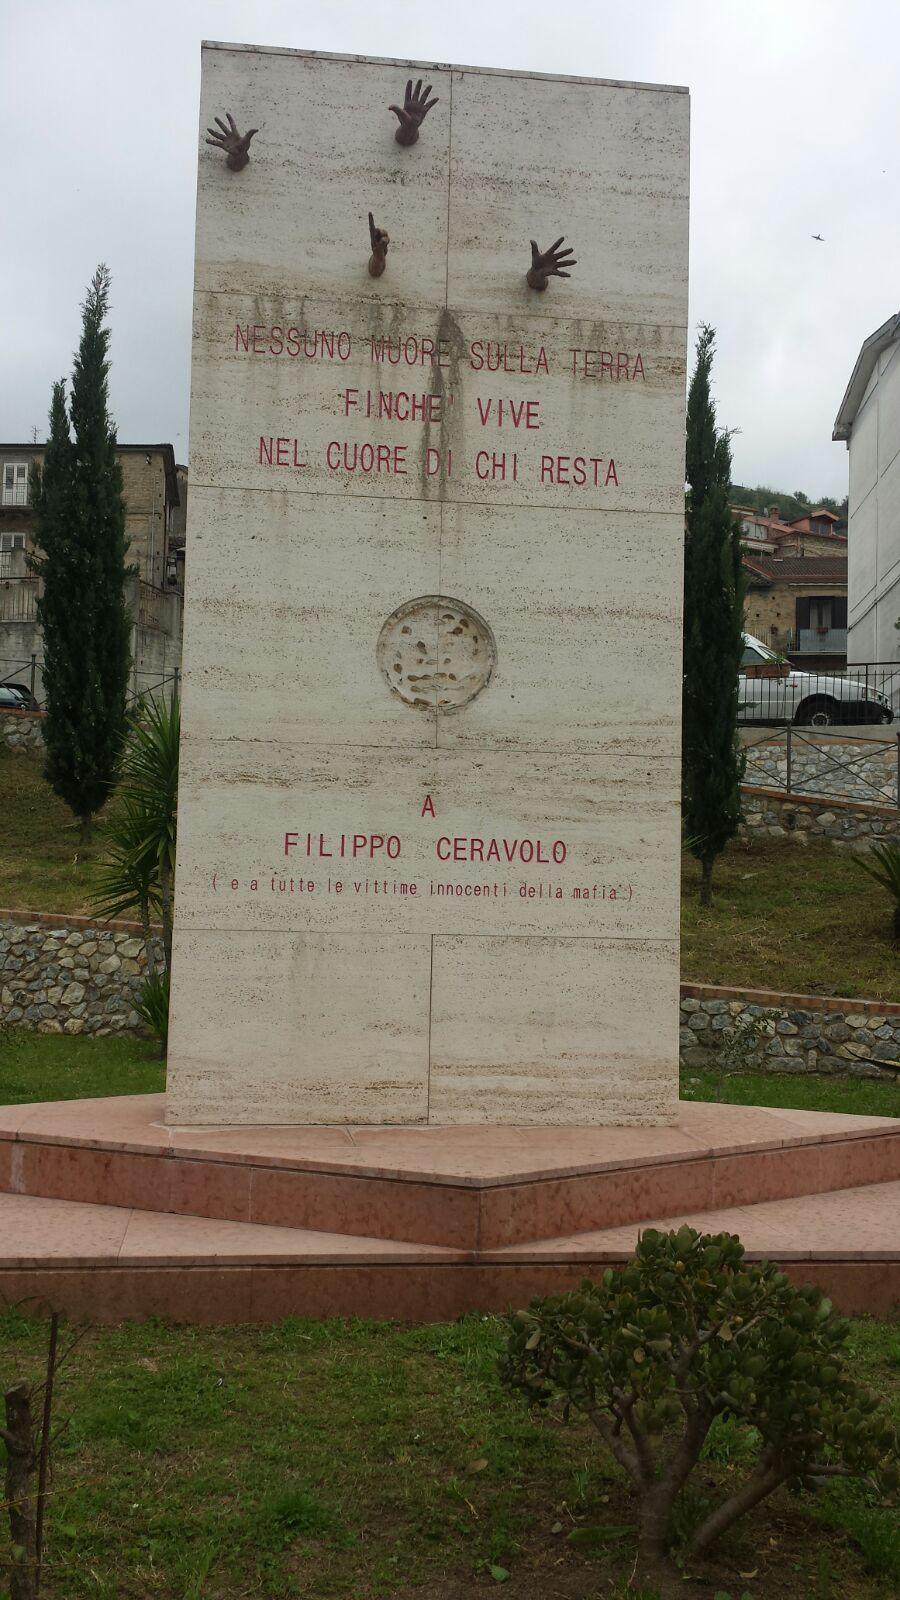 Danneggiata la stele in memoria di Filippo CeravoloIl giovane vibonese è vittima innocente di mafia